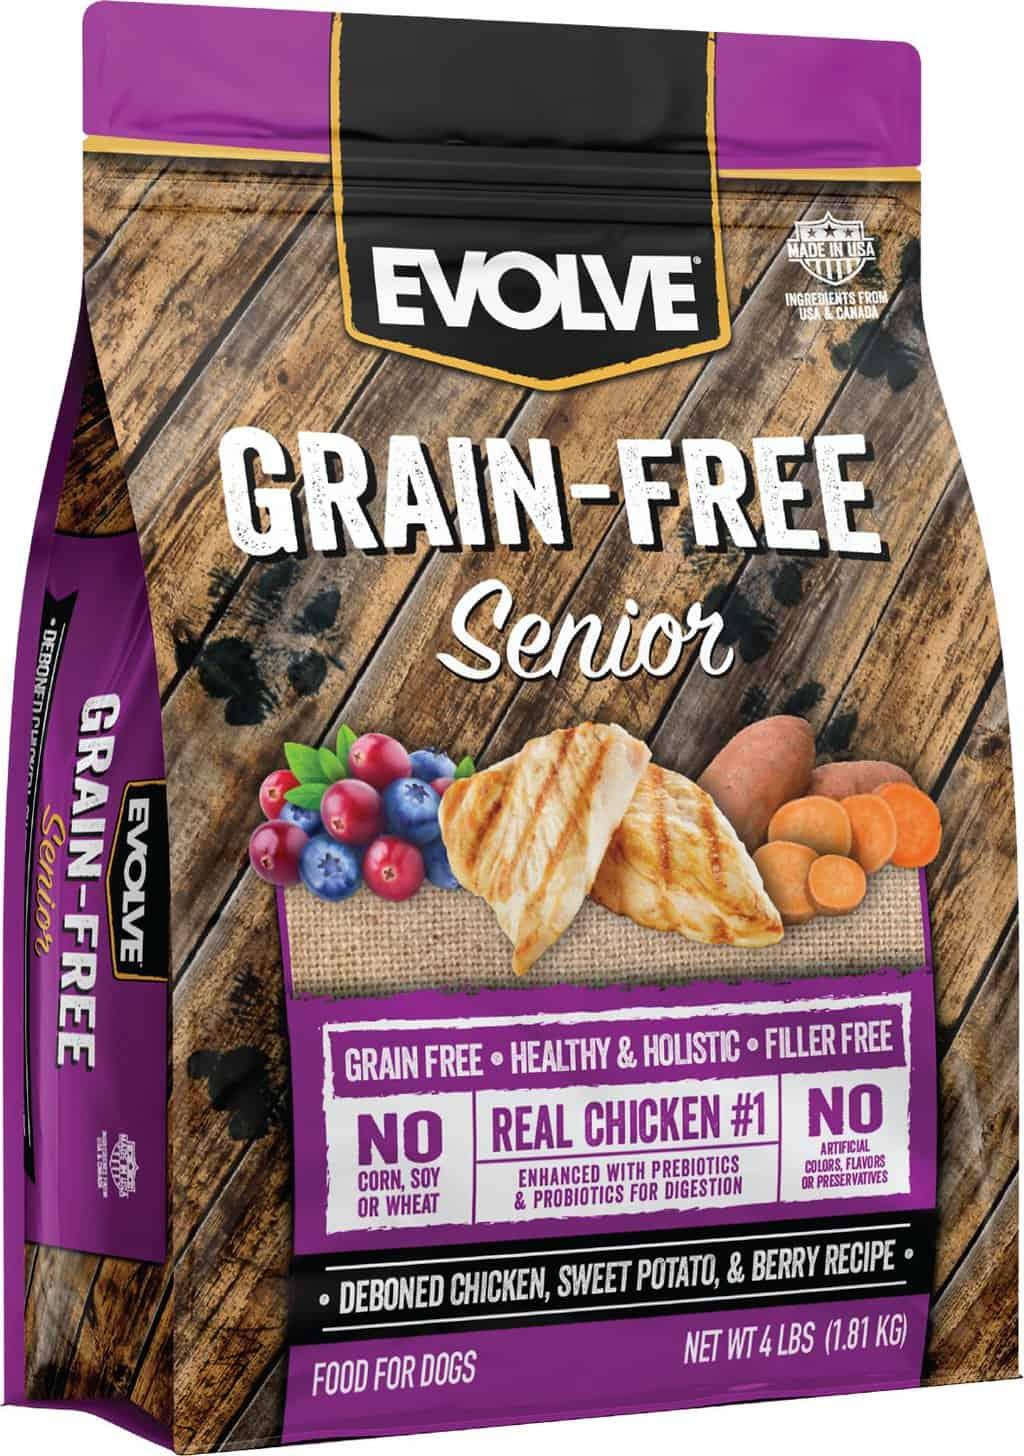 Evolve Dog Food Review 2021: Best Affordable, Premium Pet Food? 16